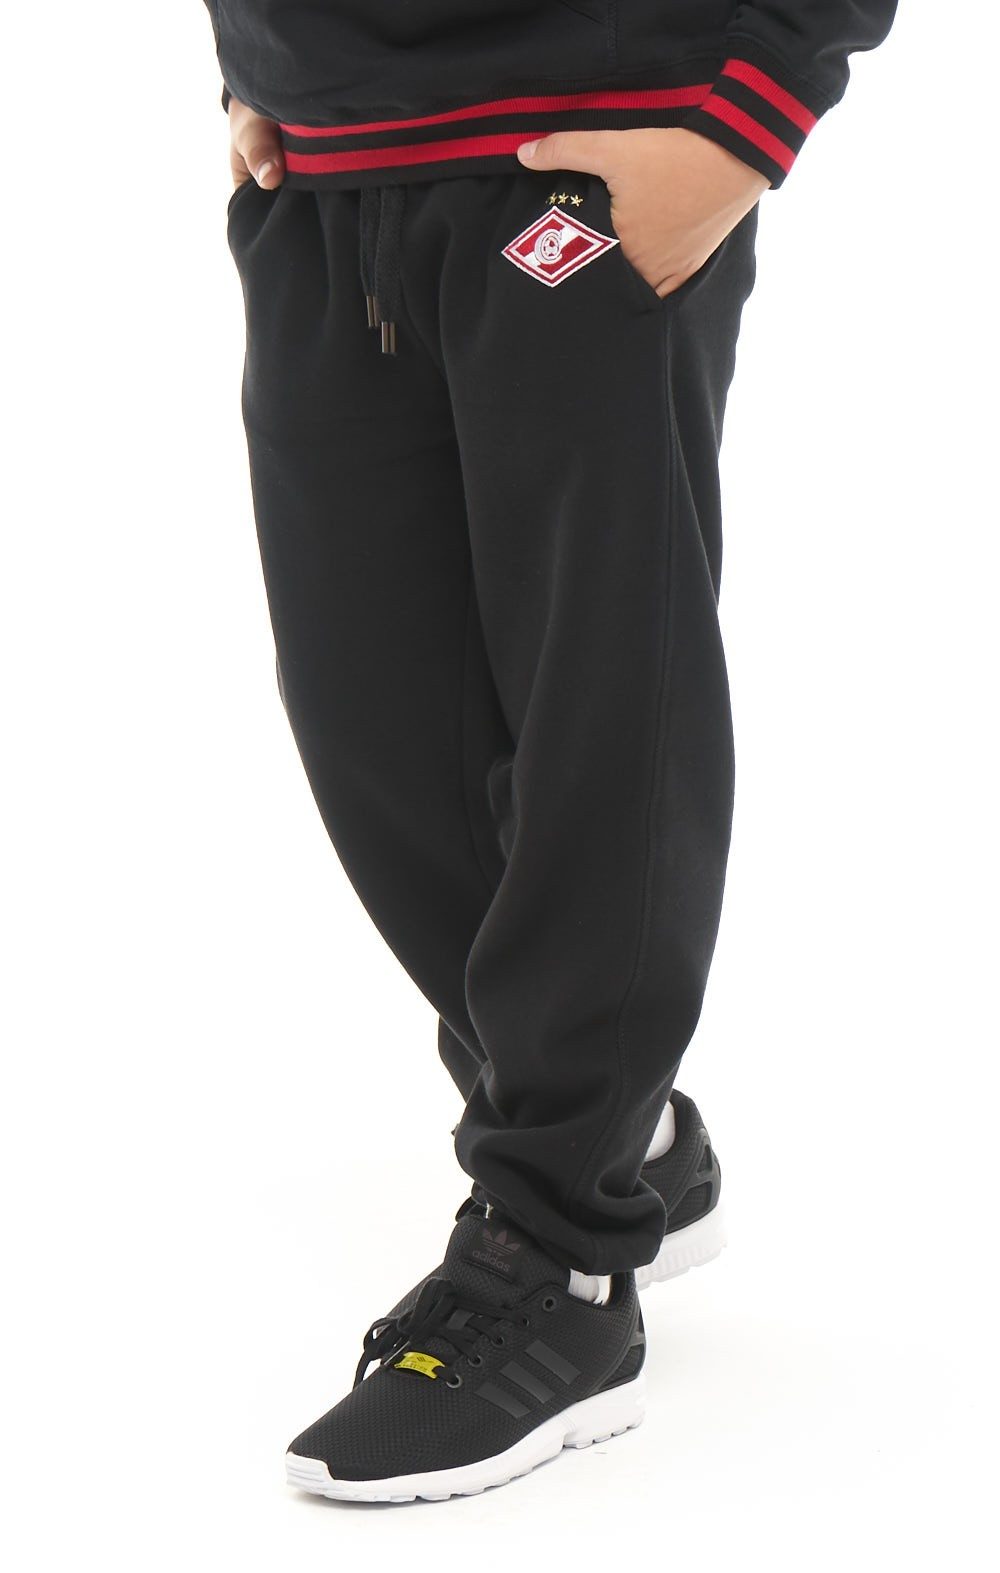 9d3bb392 Спортивные штаны подростковые FCSM черный купить за 2790 рублей